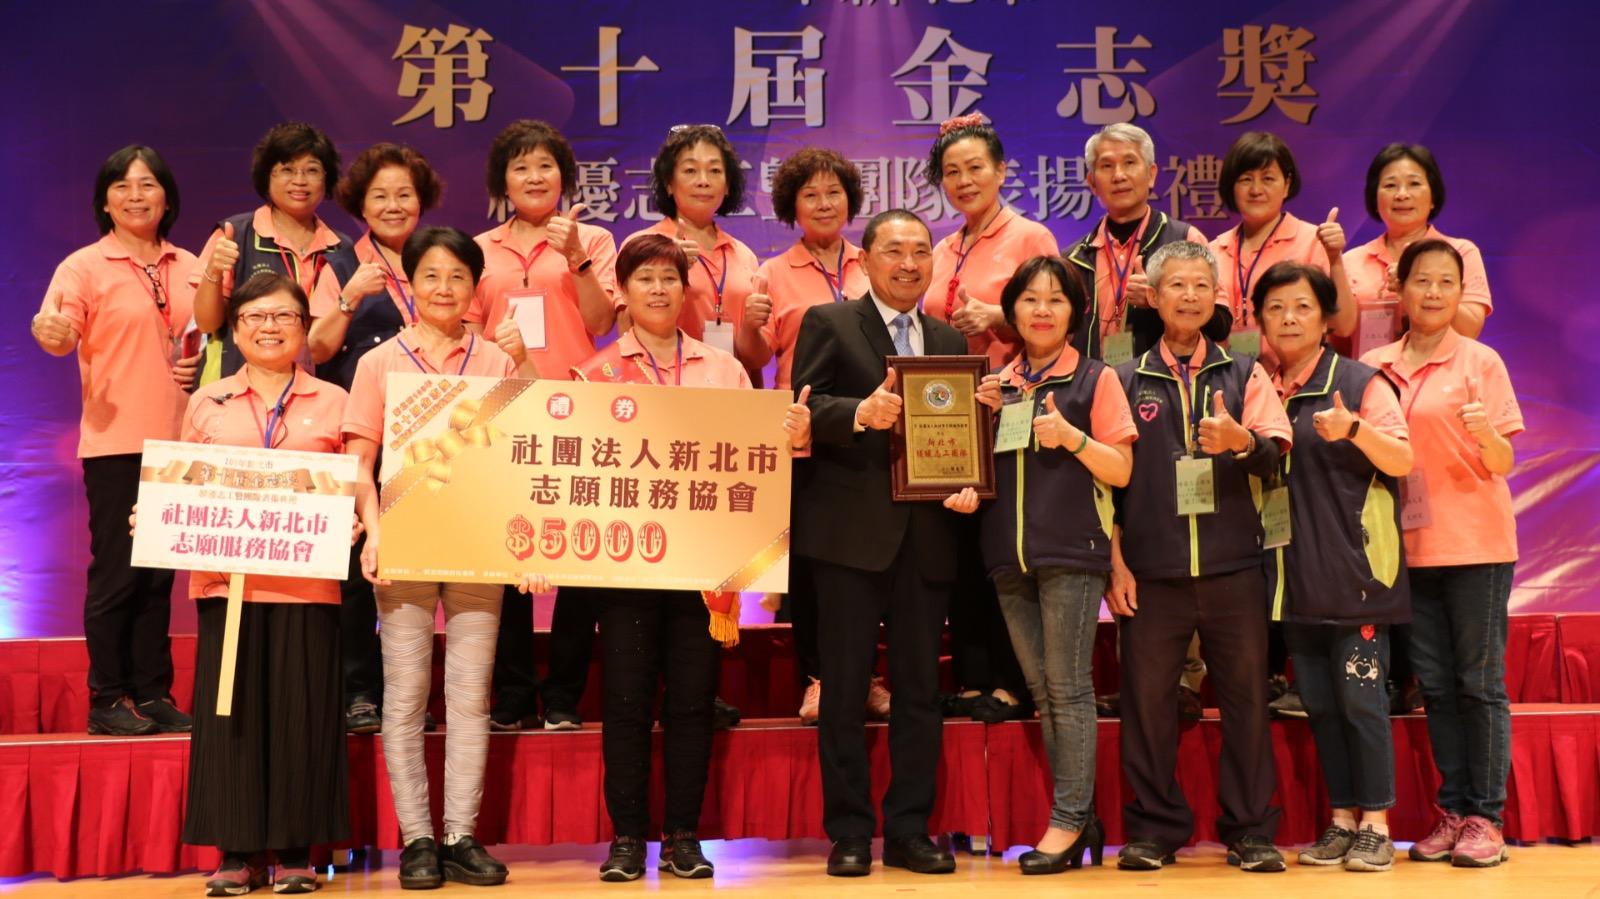 市長表揚績優志工團隊